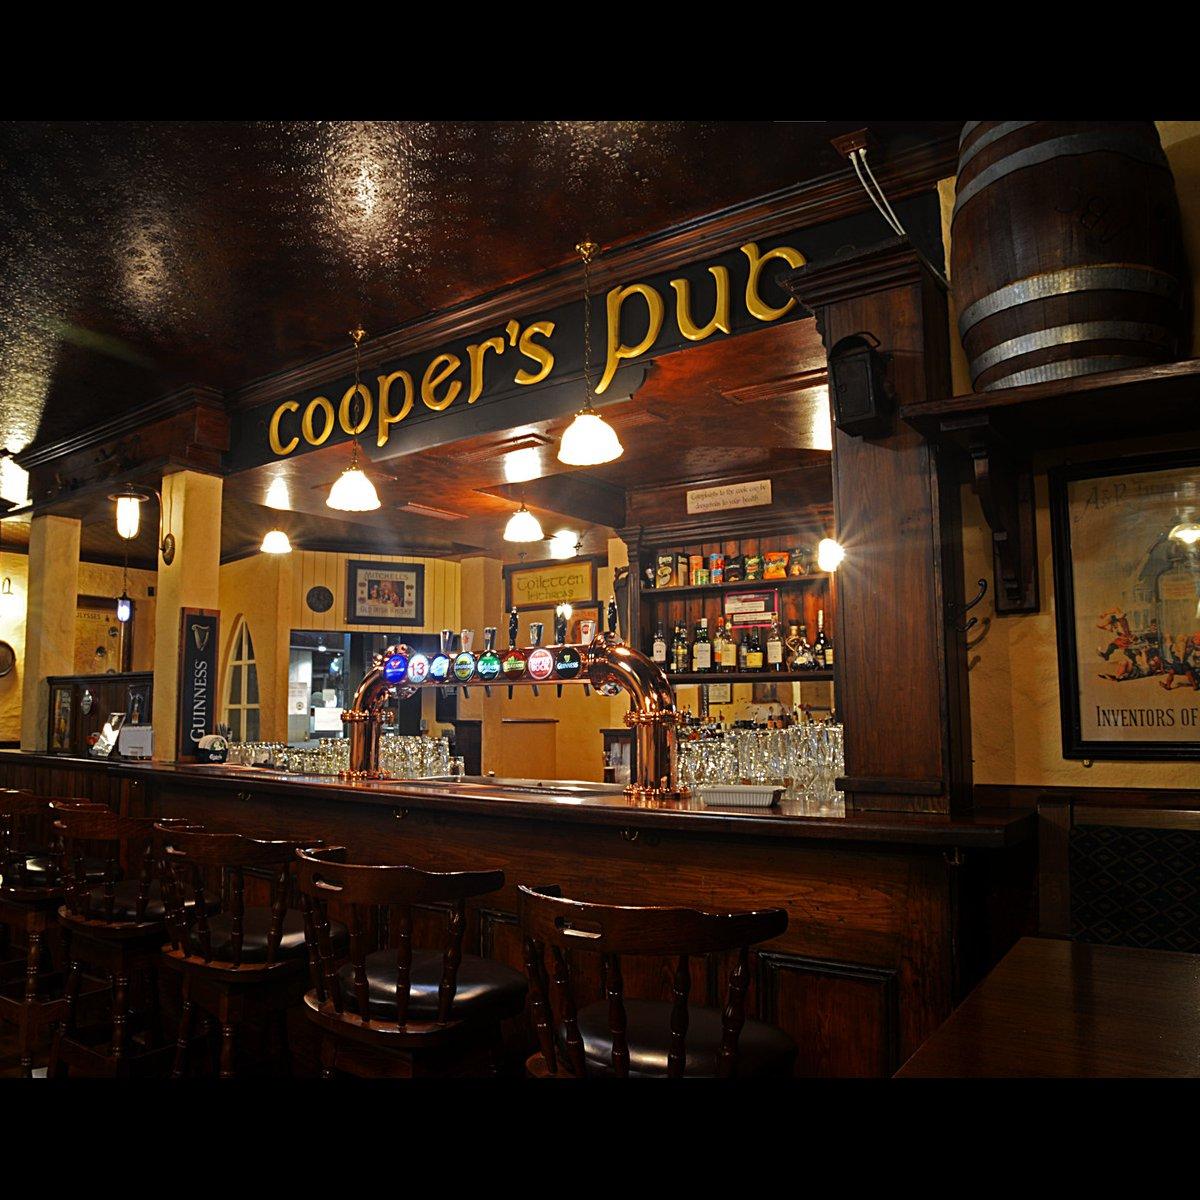 Cooper's Pub